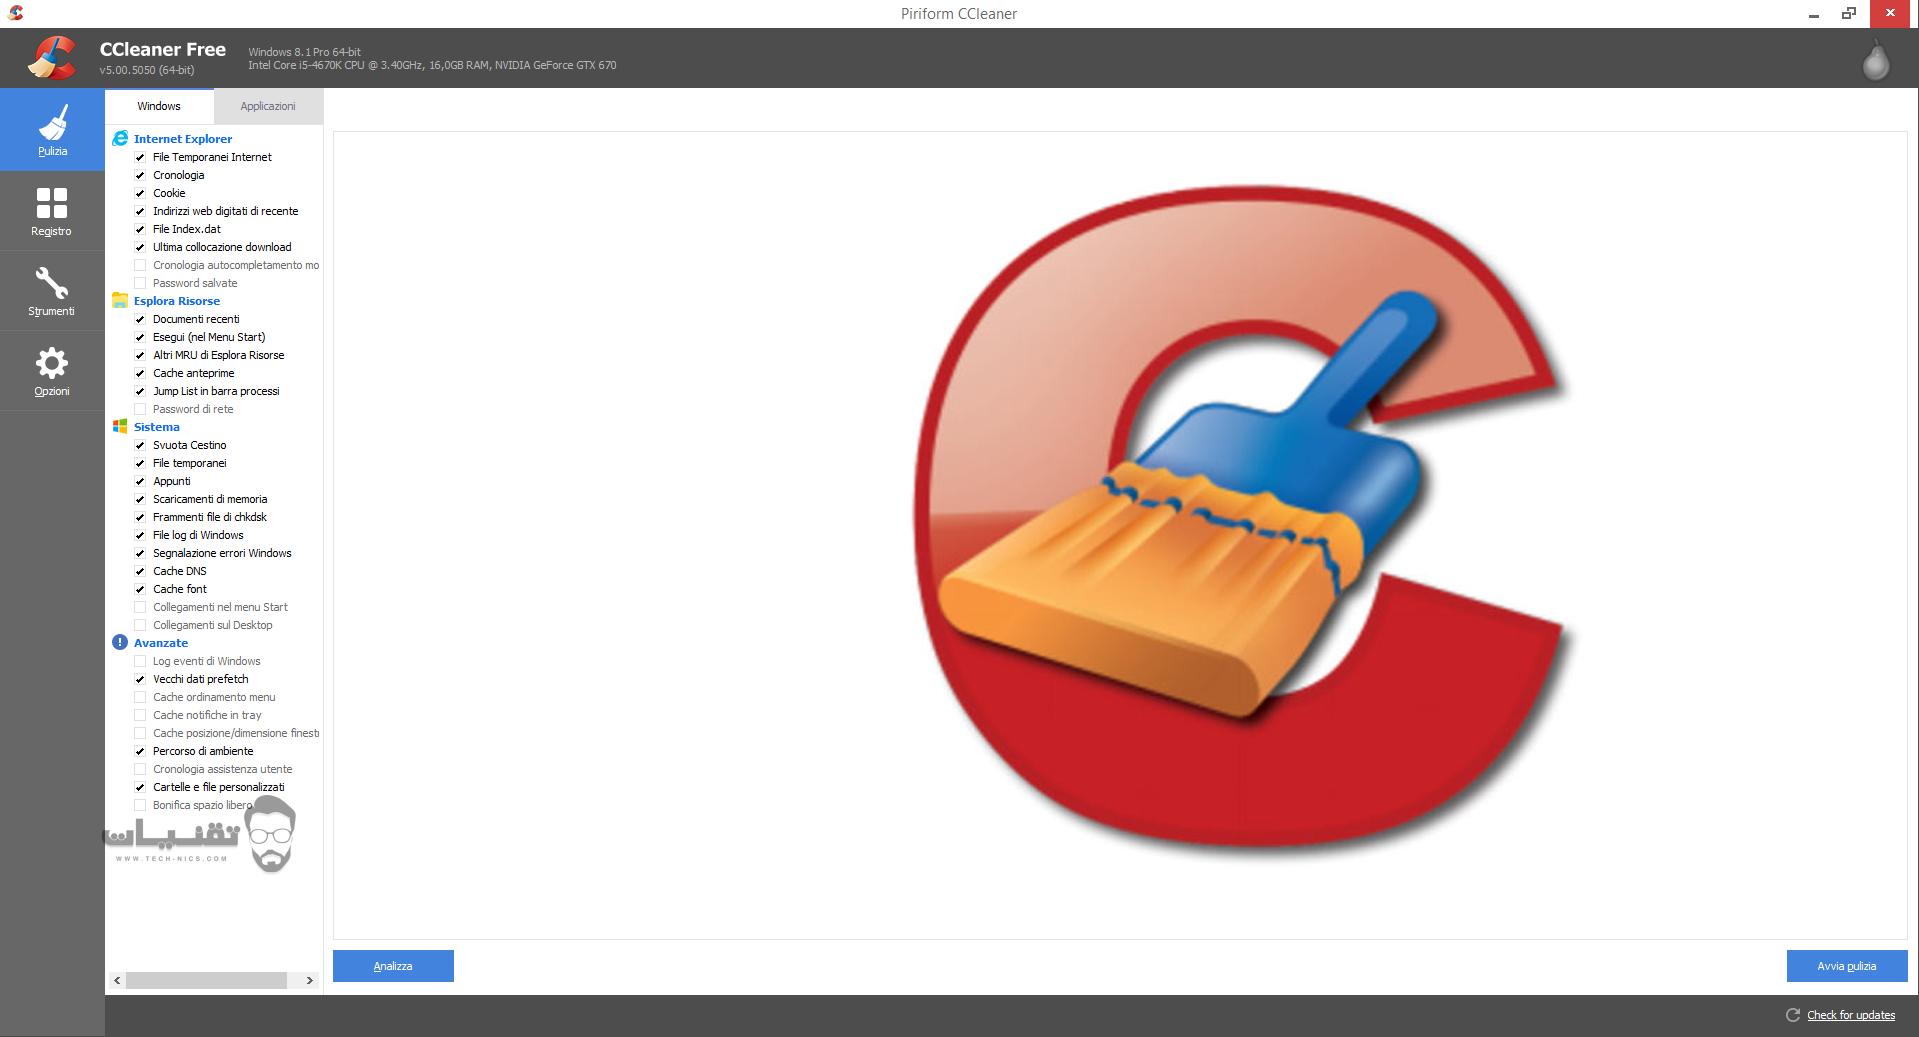 برنامج CCleaner وتنزيل برنامج كلينر للكمبيوتر لتنظيف الجهاز